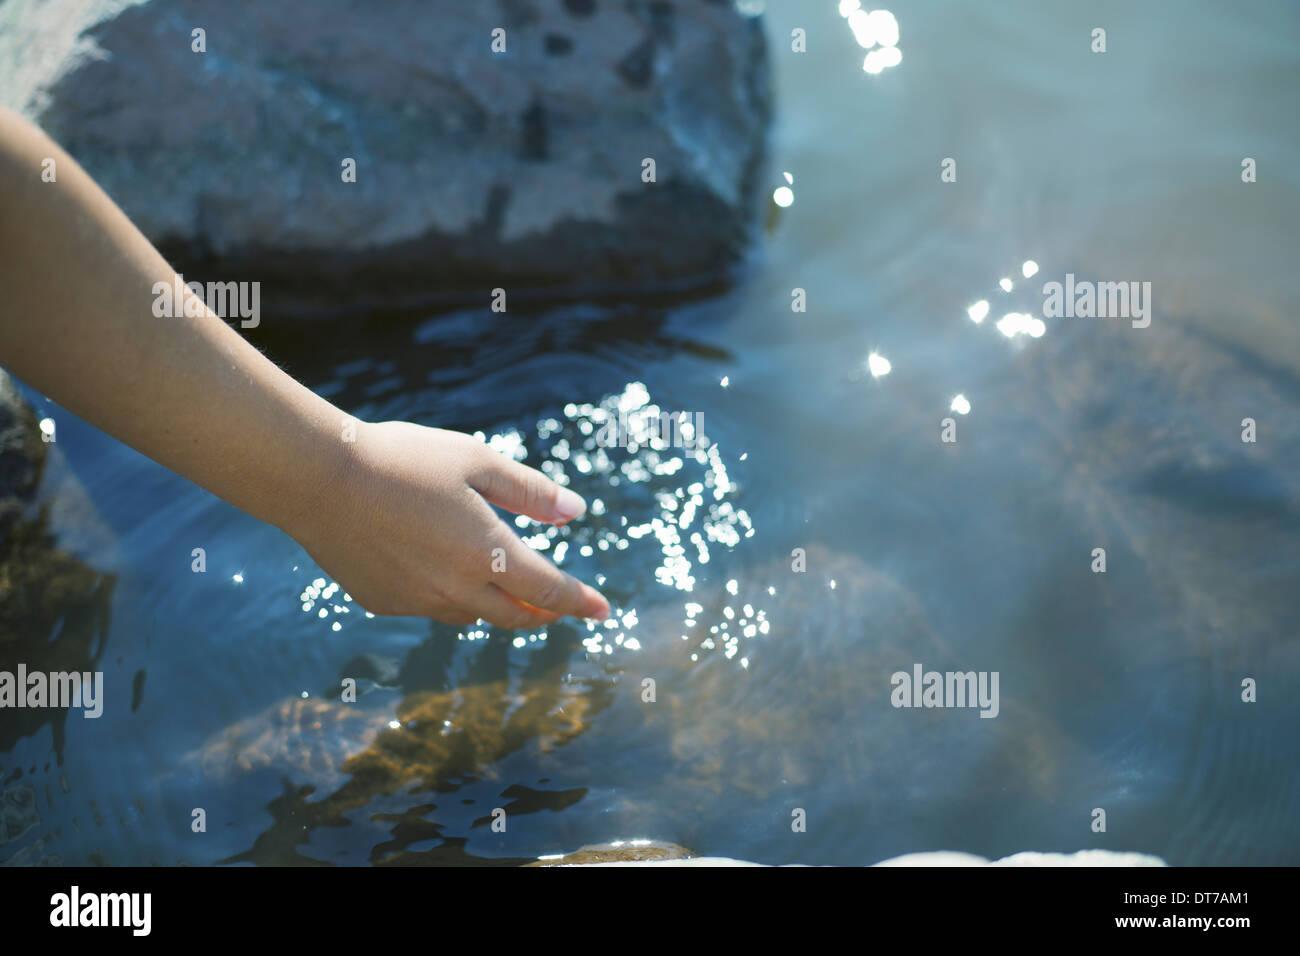 Une jeune fille se pencher en avant pour mettre sa main dans l'eau claire du lac peu profond, New York USA Ashokan approvisionne U S Photo Stock